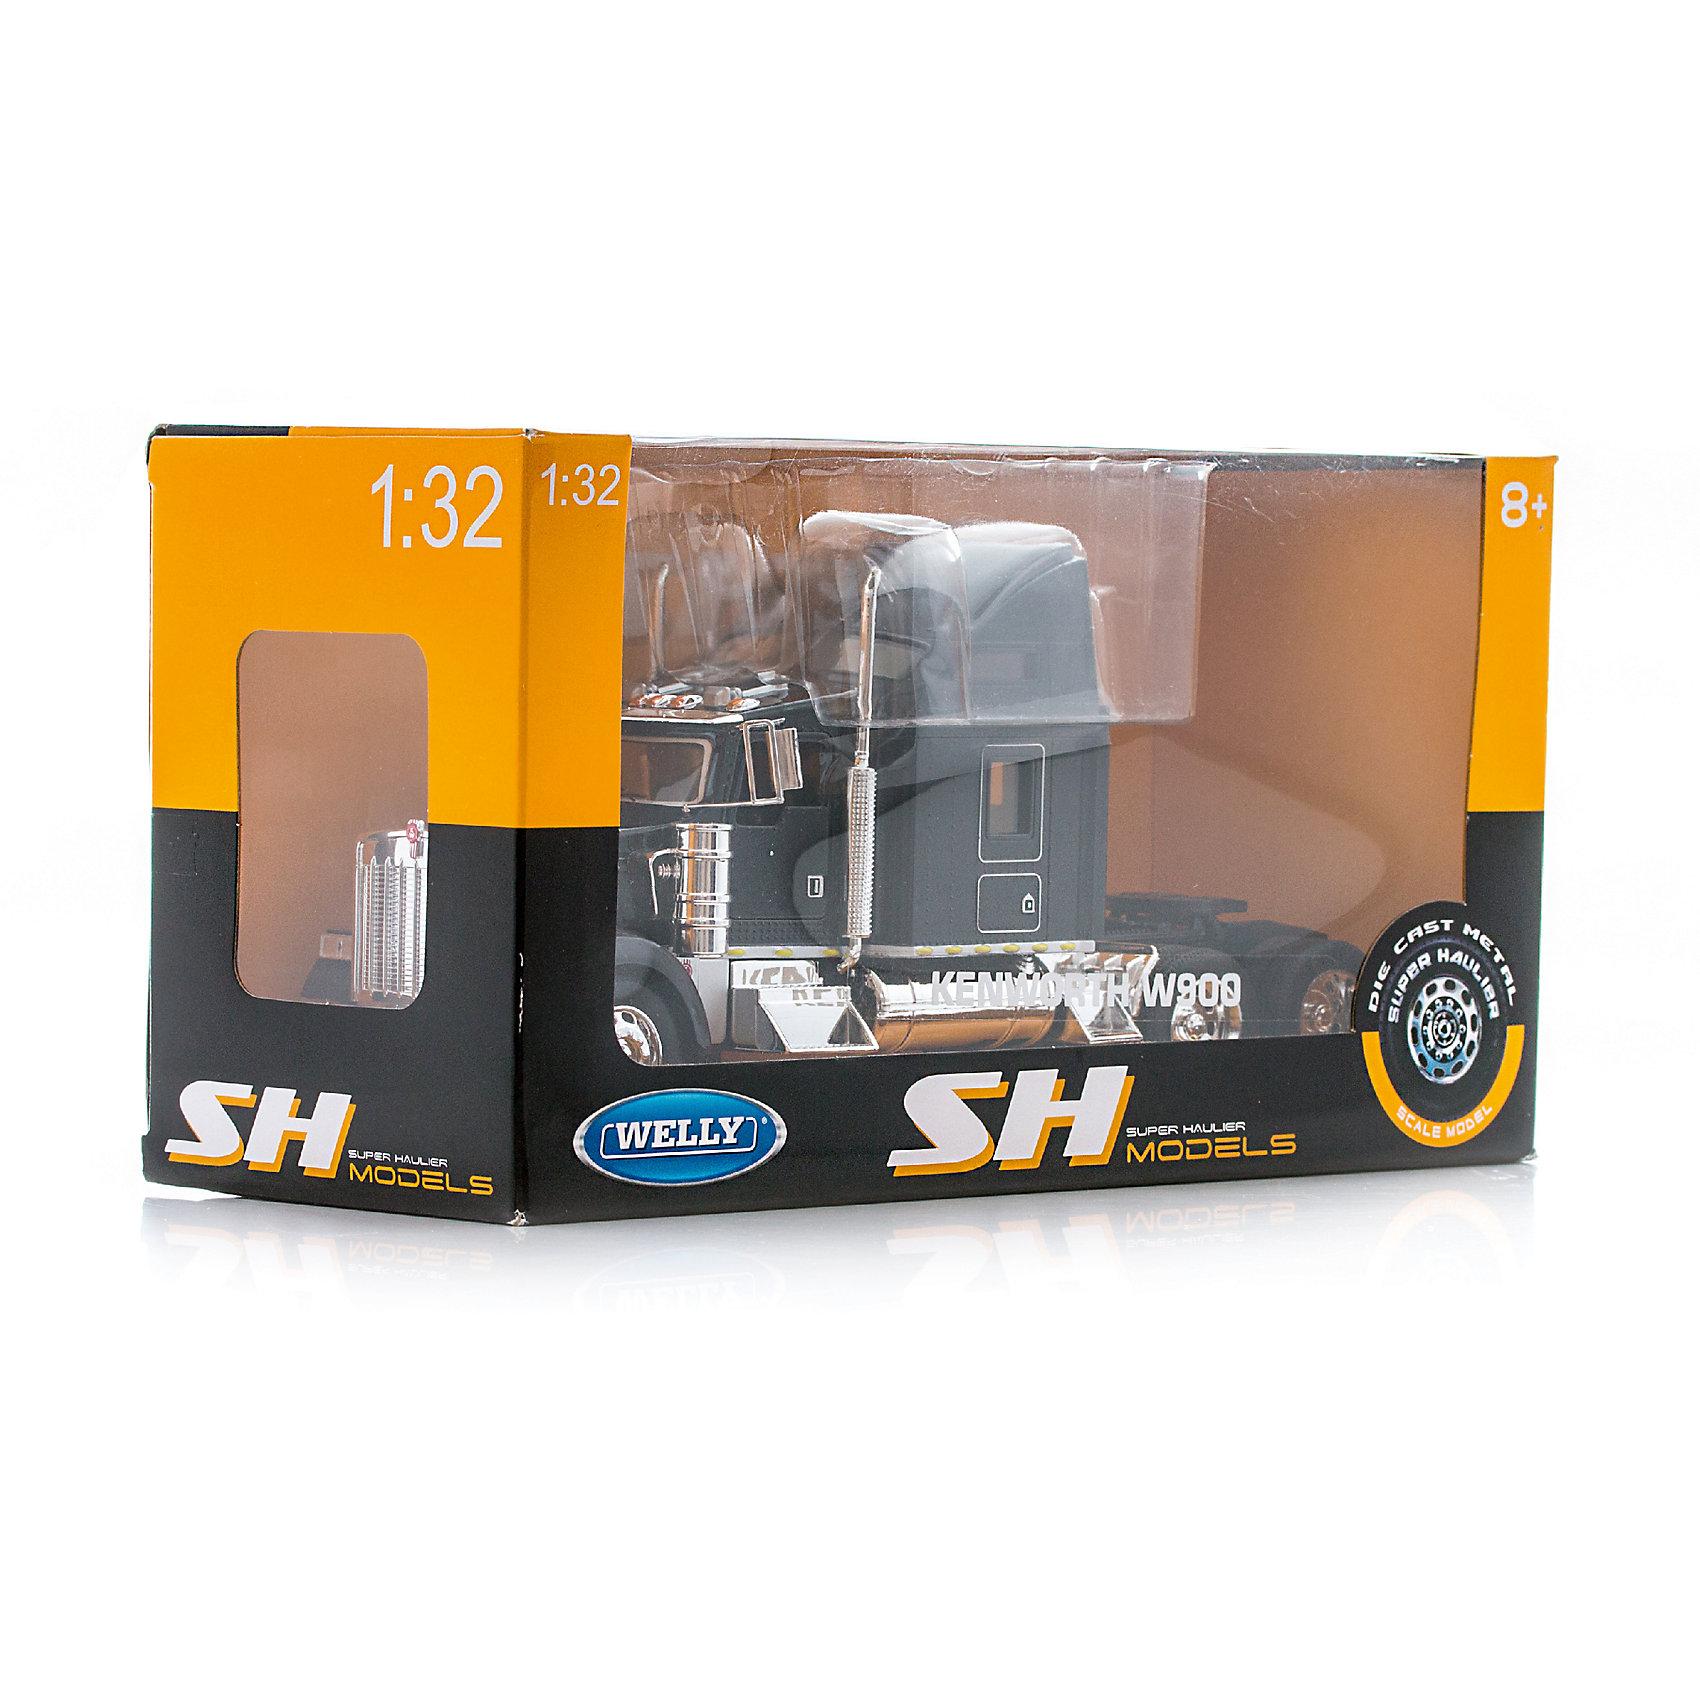 Модель грузовика 1:32 Kenworth W900, черный, WellyИгрушечная машинка Kenworth W900 Welly.<br><br>Характеристики модели грузовика Welly:<br><br>• масштаб: 1:32;<br>• материал: металл, пластик, прорезиненные колеса;<br>• вид машины: грузовик;<br>• открываются двери;<br>• поворачивается руль, поворачиваются колеса;<br>• размер упаковки: 30х12х16 см;<br>• вес упаковки: 700 г<br><br>Игрушечные машинки Welly для насыщенной мальчишеской игры. Модели выполнены из пластика, есть металлические детали. Функциональная машинка с открывающейся дверцей, четко детализирована, позволяет рассмотреть составляющие элементы машины. <br><br>Модель грузовика 1:32 Kenworth W900, черный, Welly можно купить в нашем интернет-магазине.<br><br>Ширина мм: 120<br>Глубина мм: 300<br>Высота мм: 160<br>Вес г: 739<br>Возраст от месяцев: 36<br>Возраст до месяцев: 2147483647<br>Пол: Мужской<br>Возраст: Детский<br>SKU: 5064327